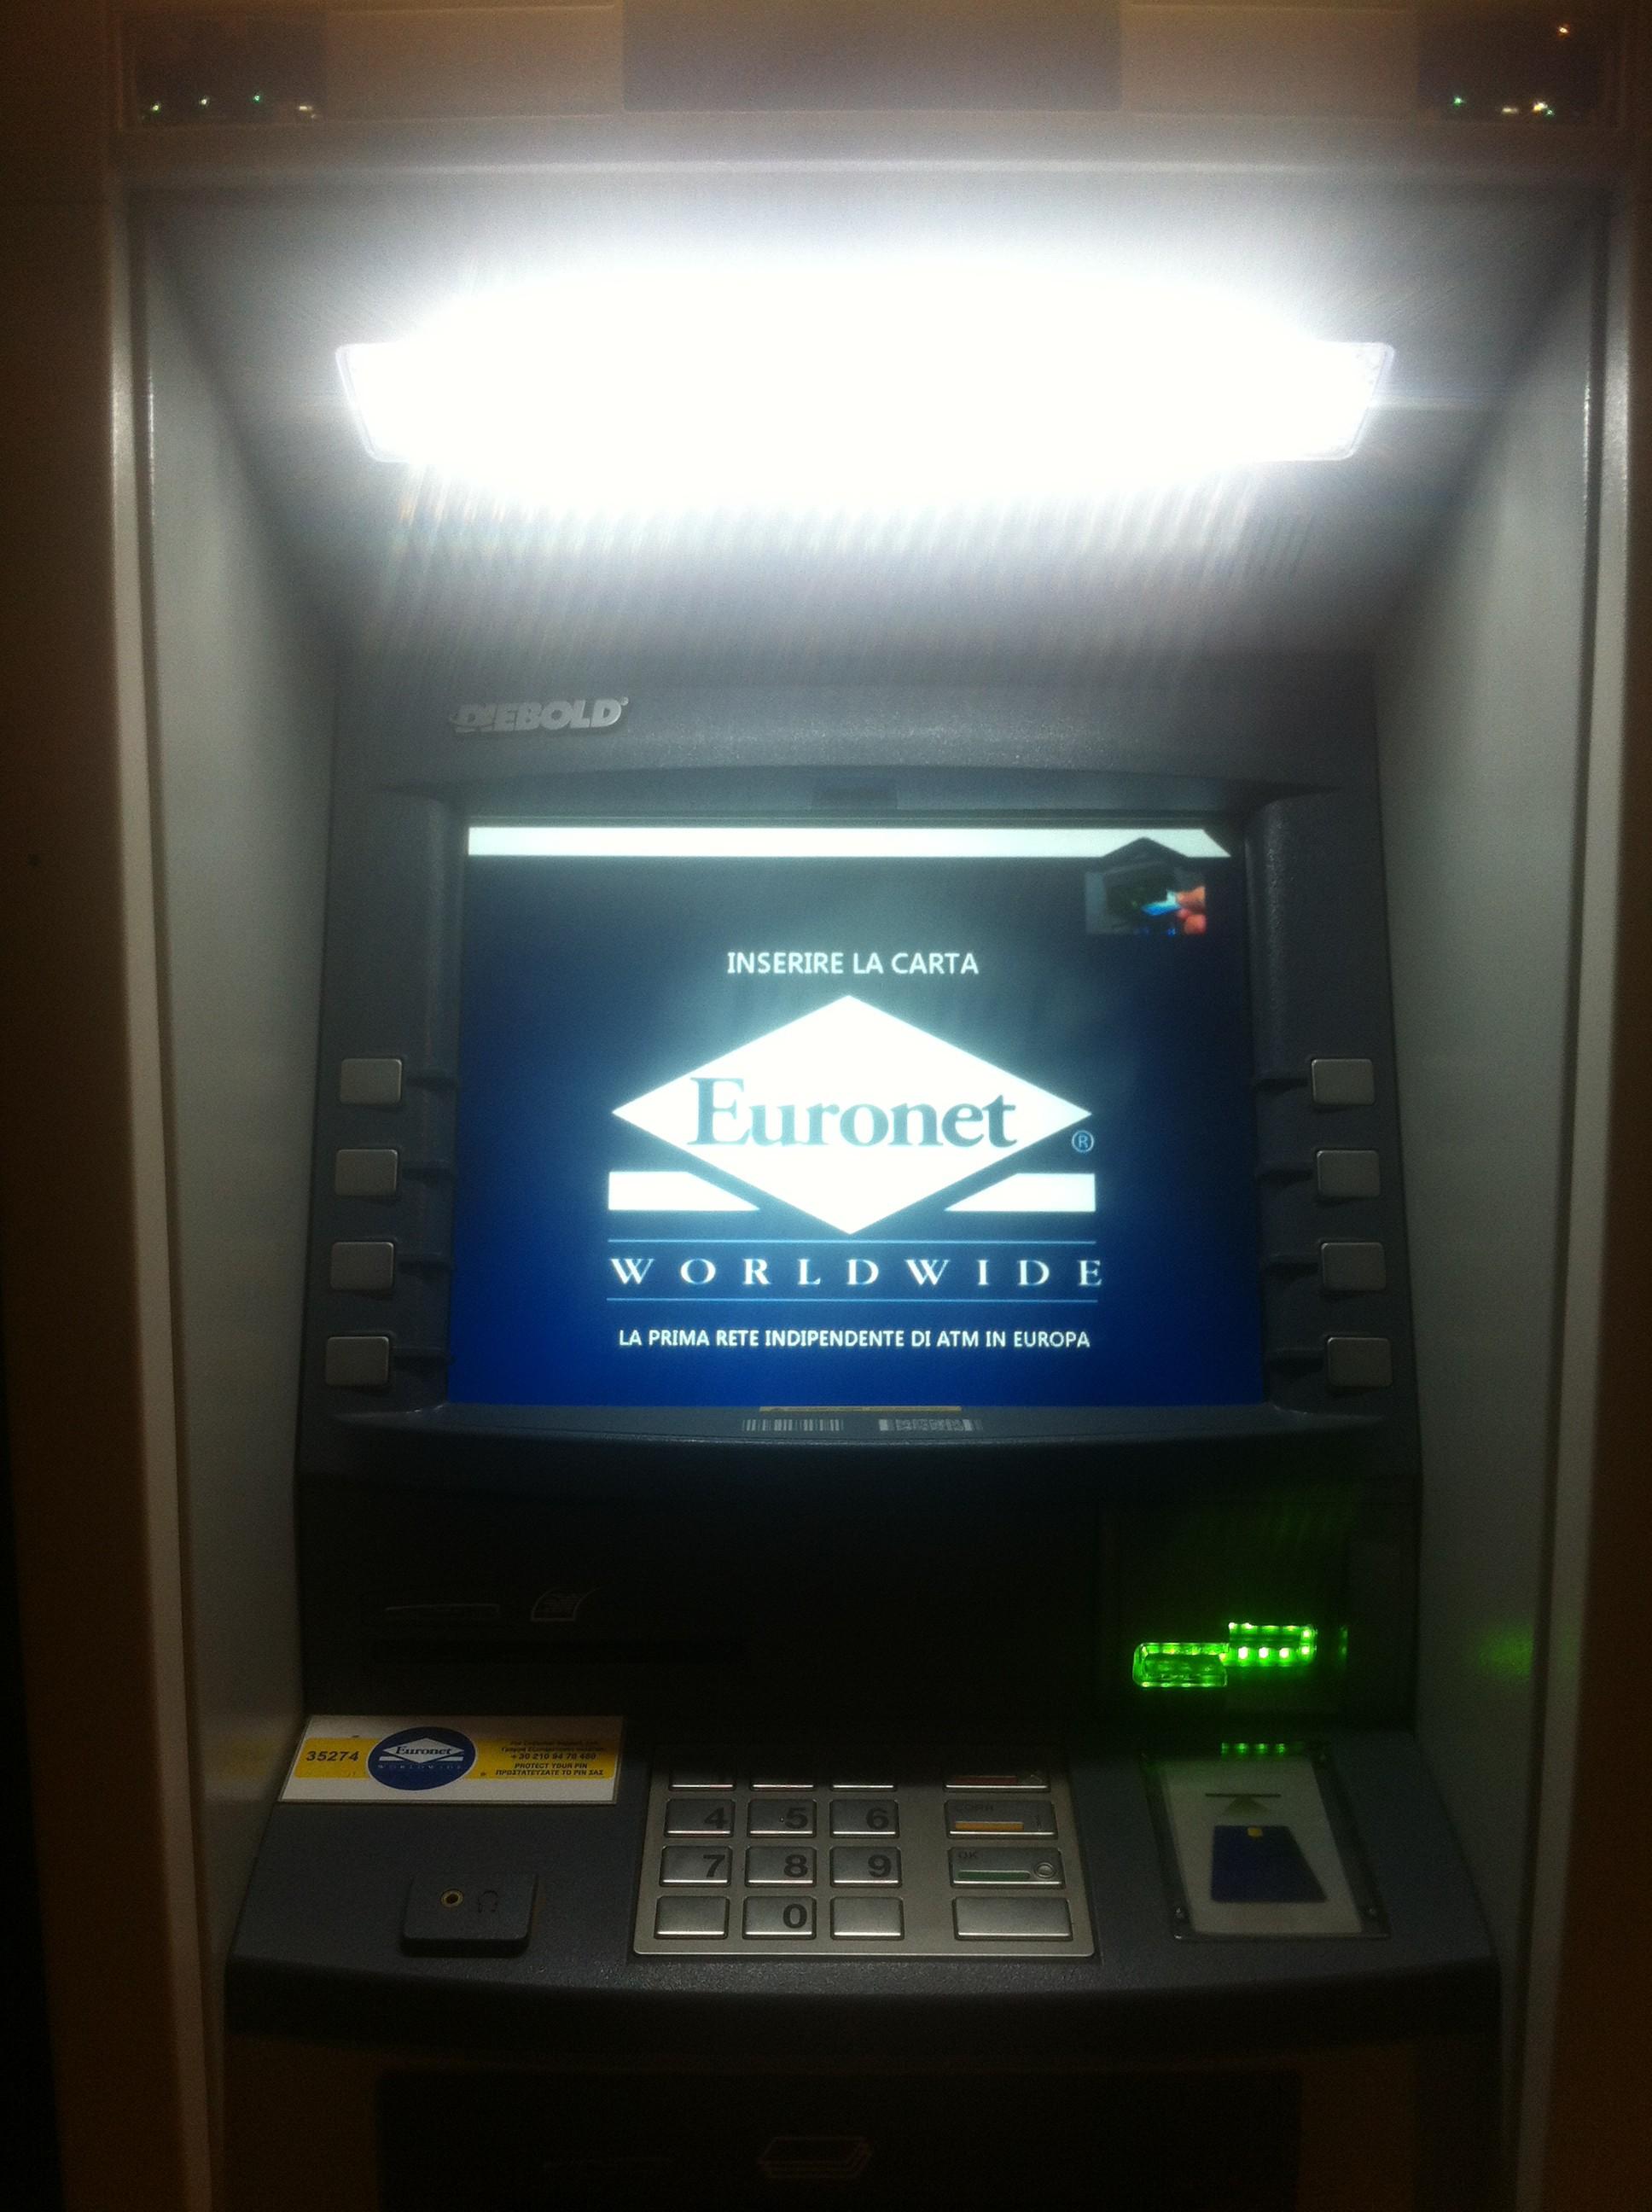 I en italiensk bankomat spökar den globala finansmarknadens fantasier, ett världsomspännande Euronet. Var vänlig att stoppa in ditt kreditkort och hoppas på det bästa.